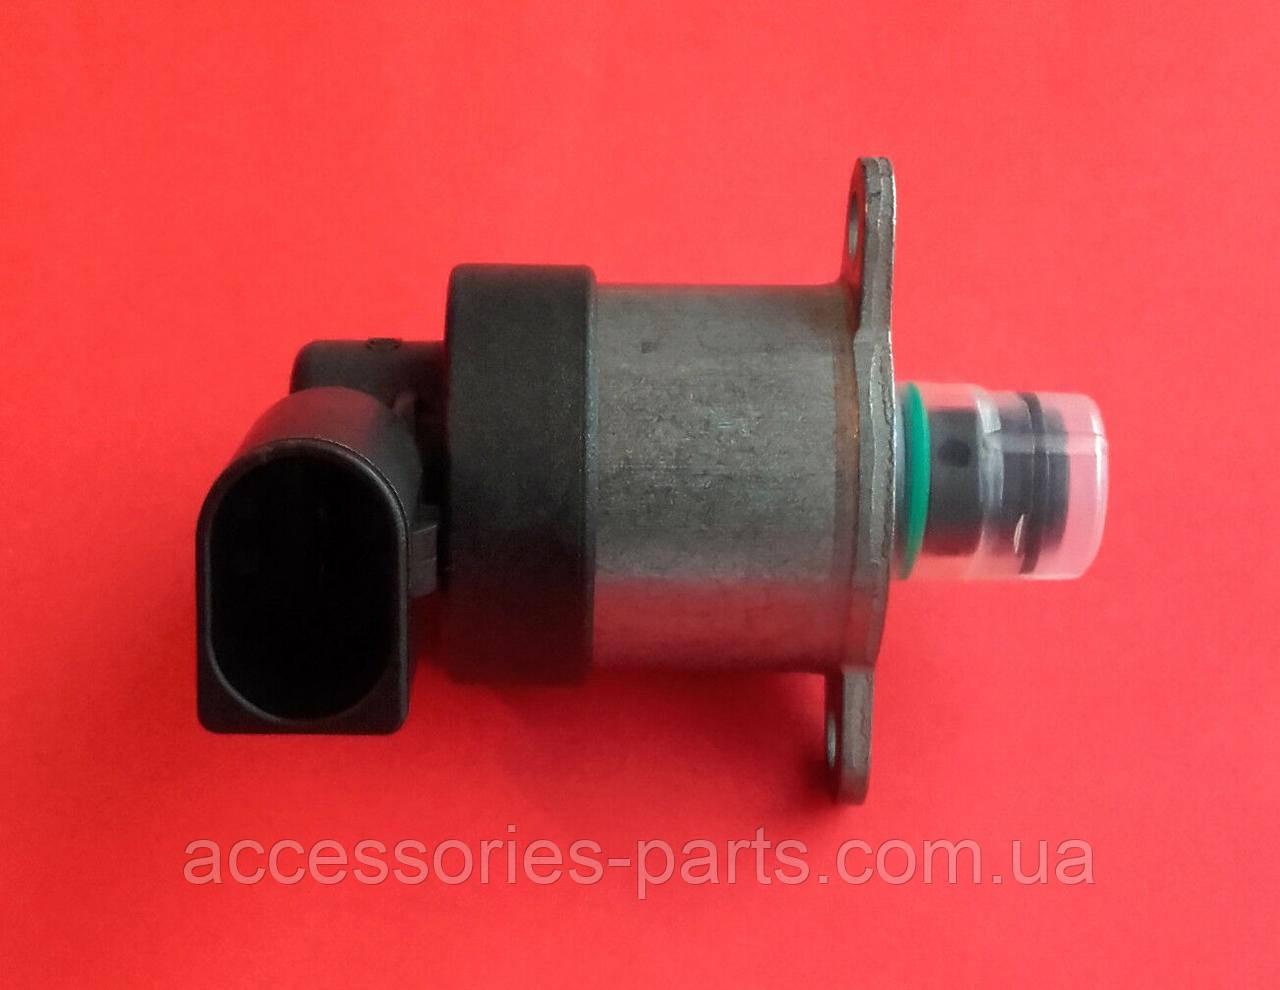 Клапан ТНВД Mercedes M642 / ML W164 / GL X164 / E W211/W212 / CLS C218 / S W221 / R W251 Новый Оригинальный